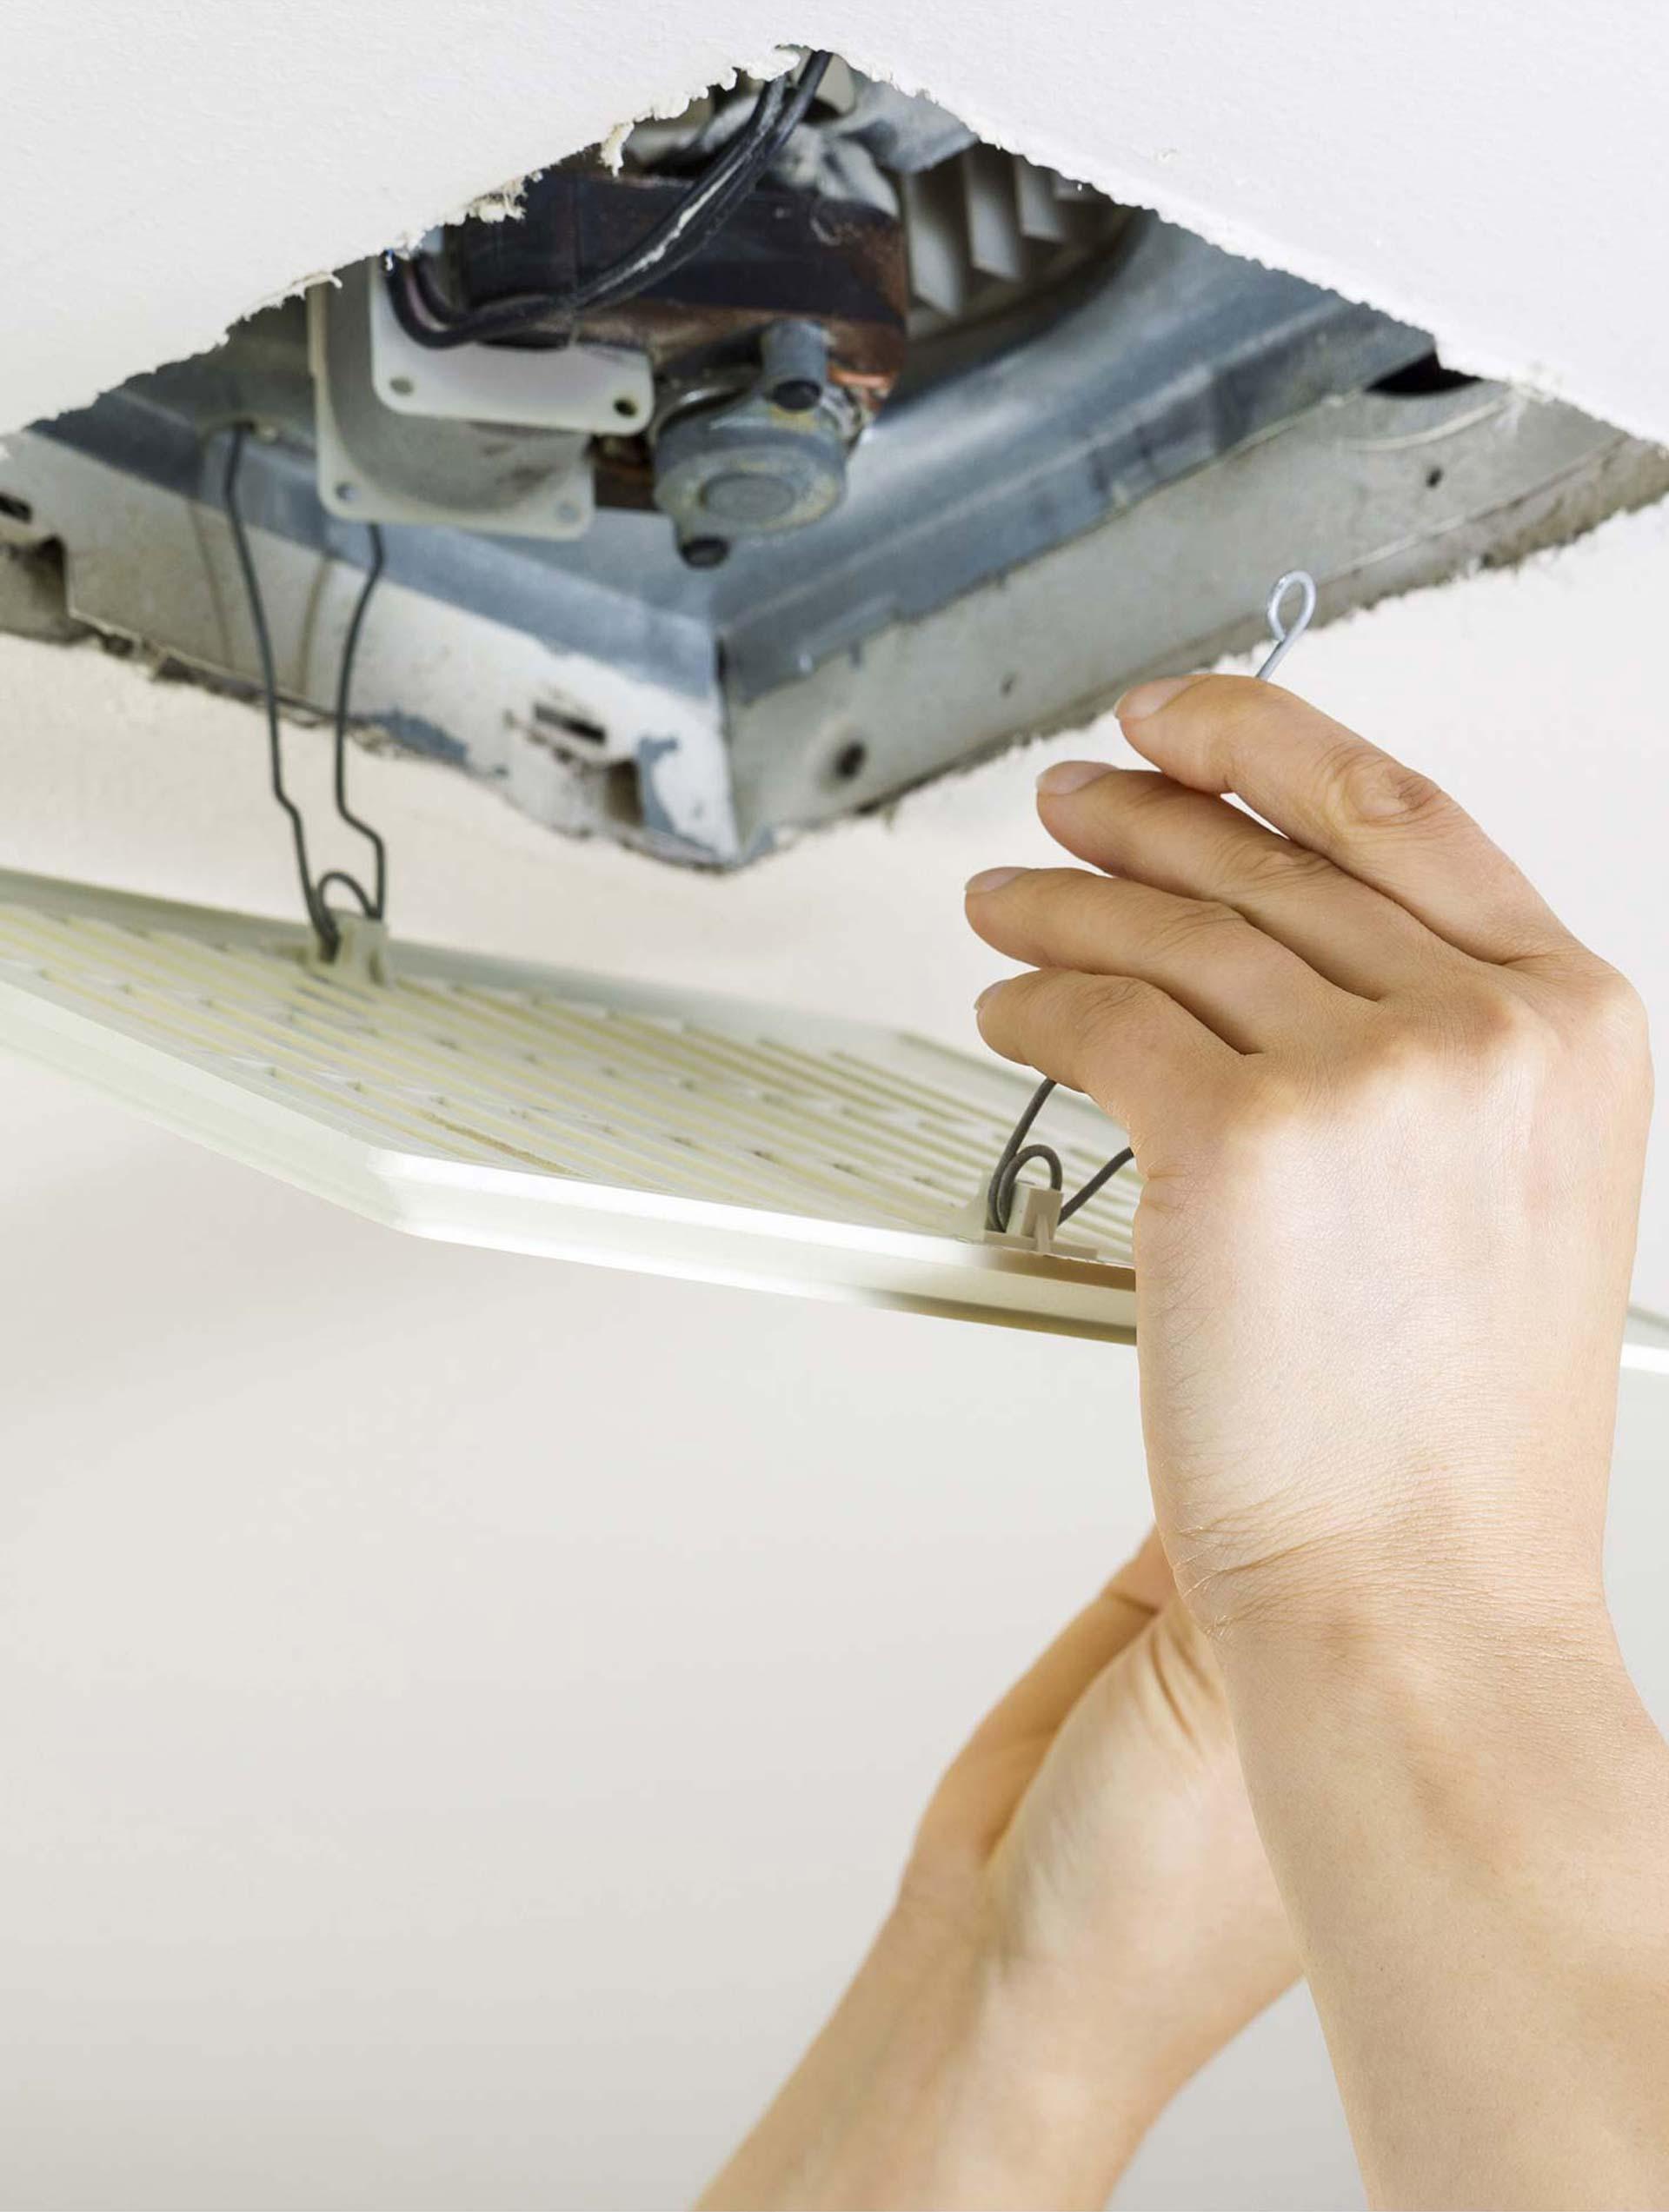 Instalaciones de ventilación extracción